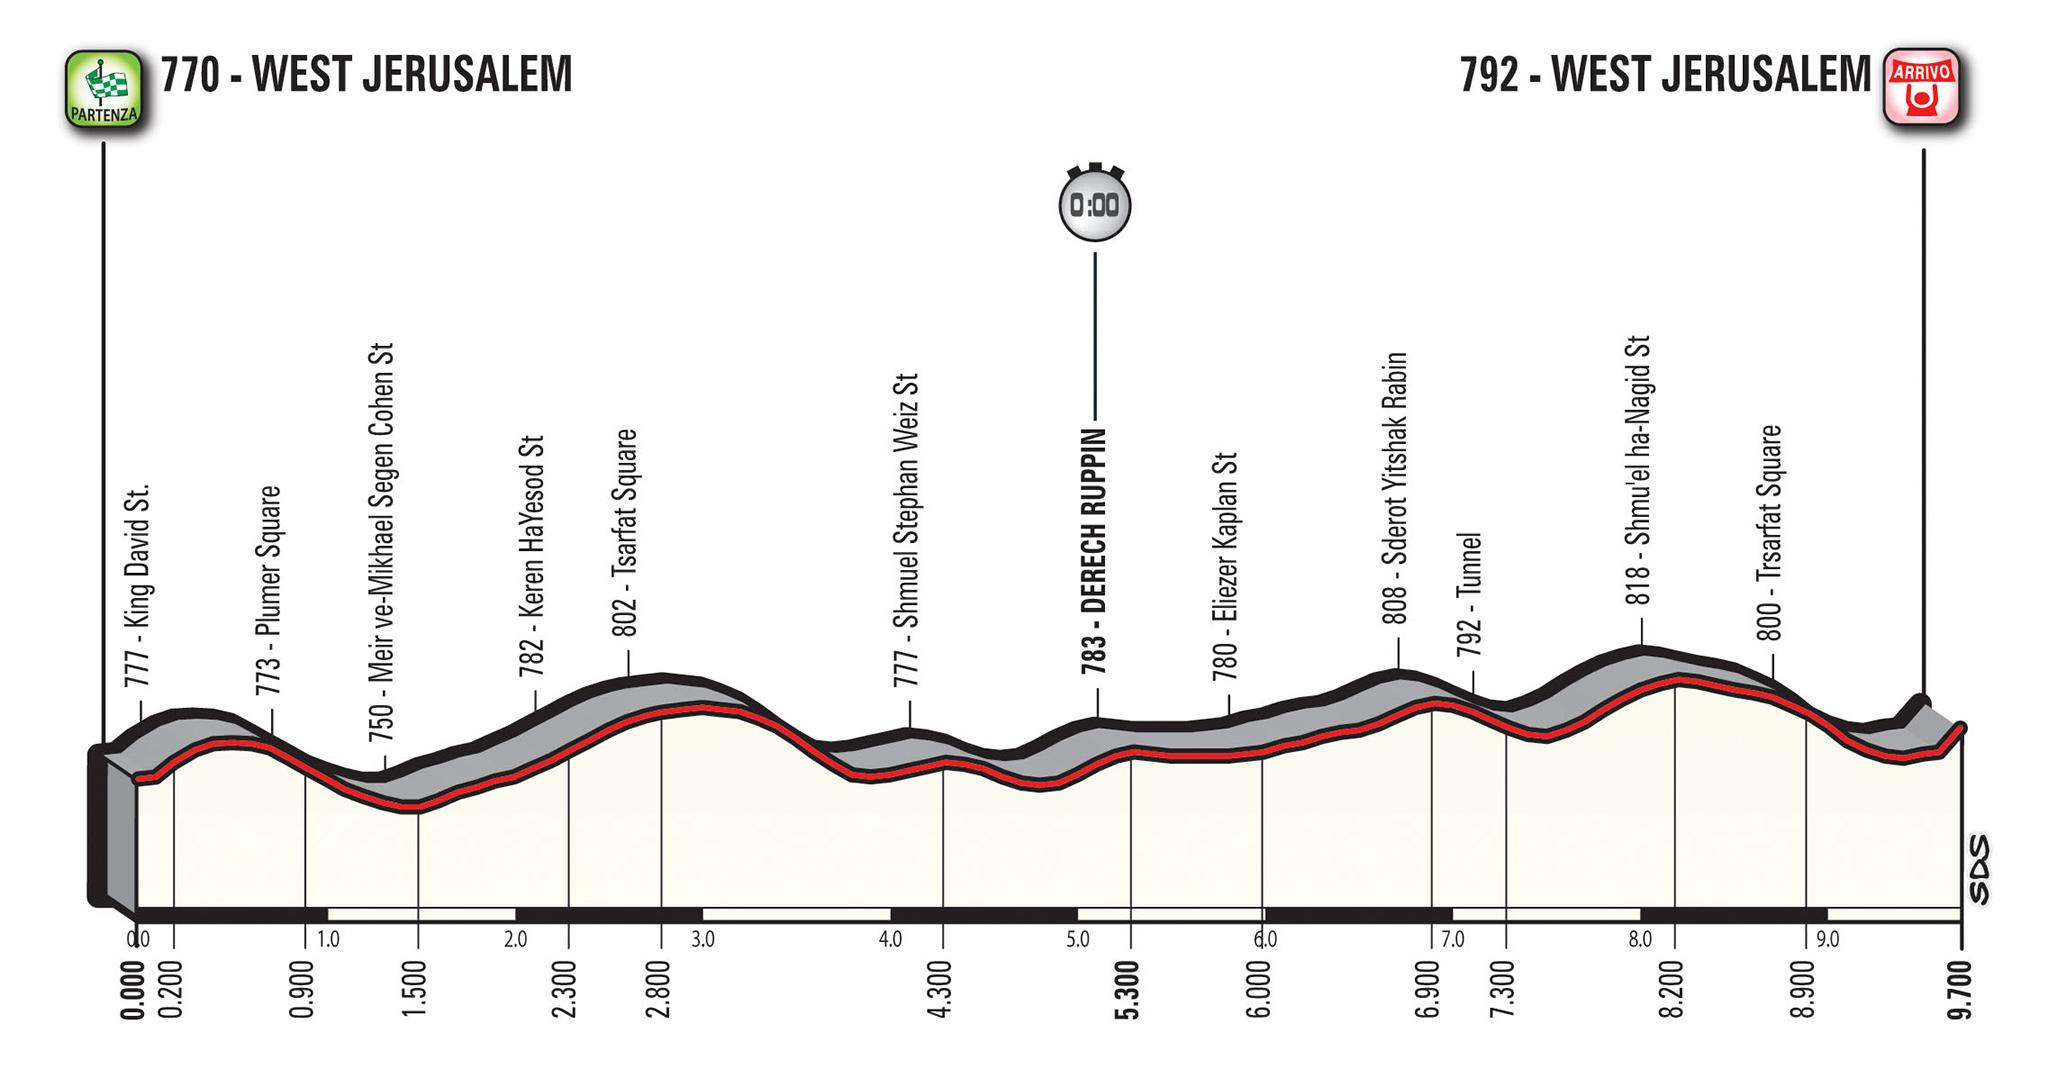 Giro d'Italia, maglia rosa per Dumoulin, male Froome e Aru